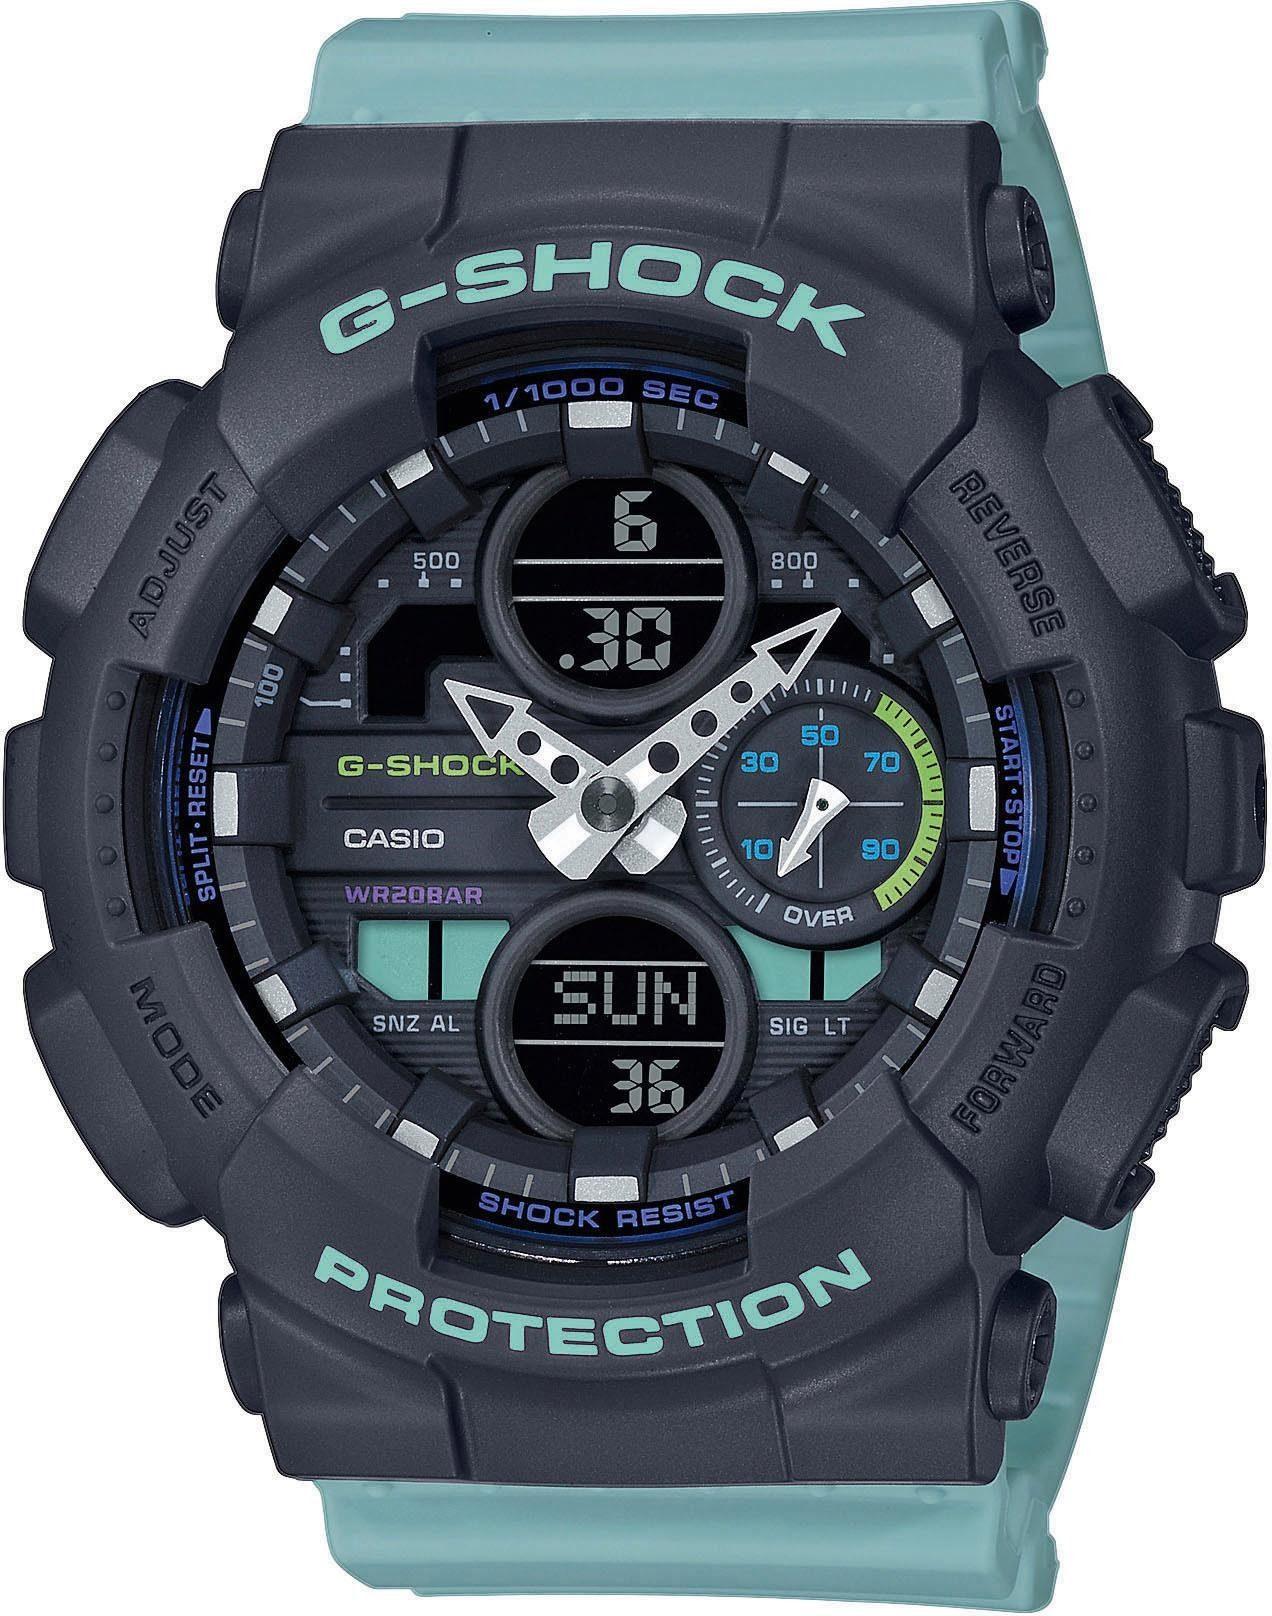 CASIO G-SHOCK Chronograph GMA-S140-2AER günstig online kaufen